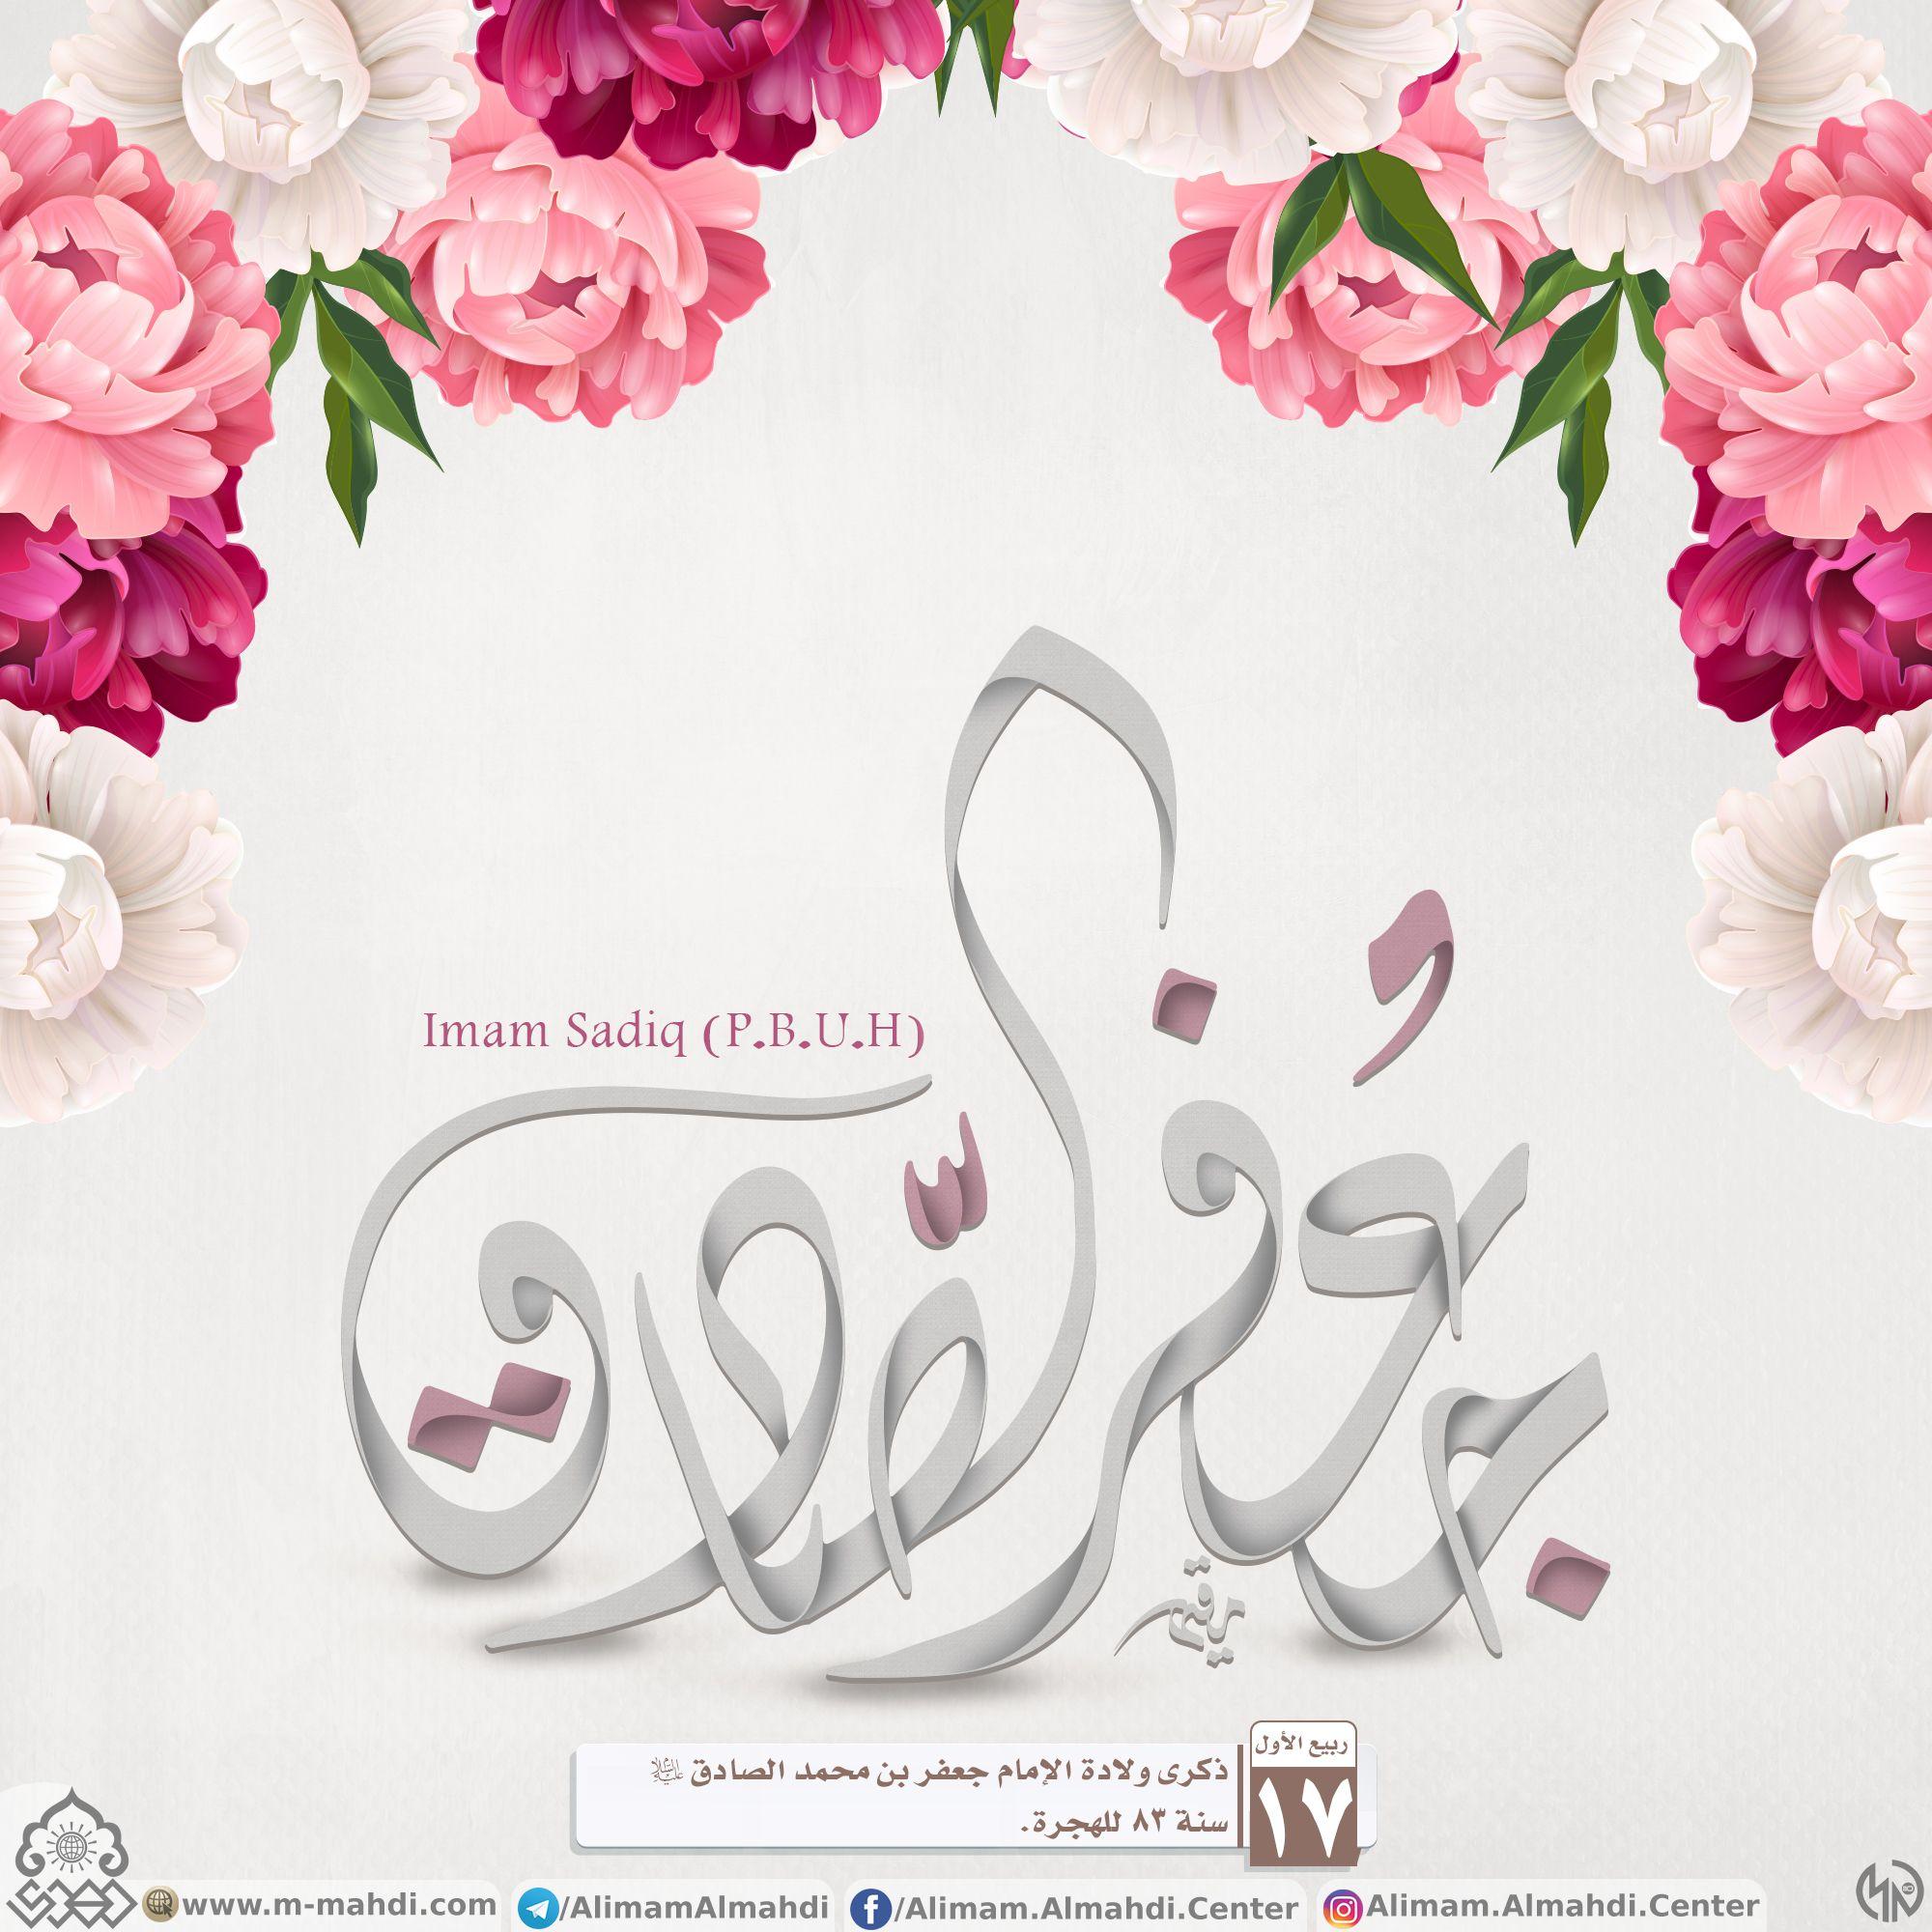 ذكرى ولادة الإمام جعفر الصادق عليه السلام Islamic Art Place Card Holders Projects To Try